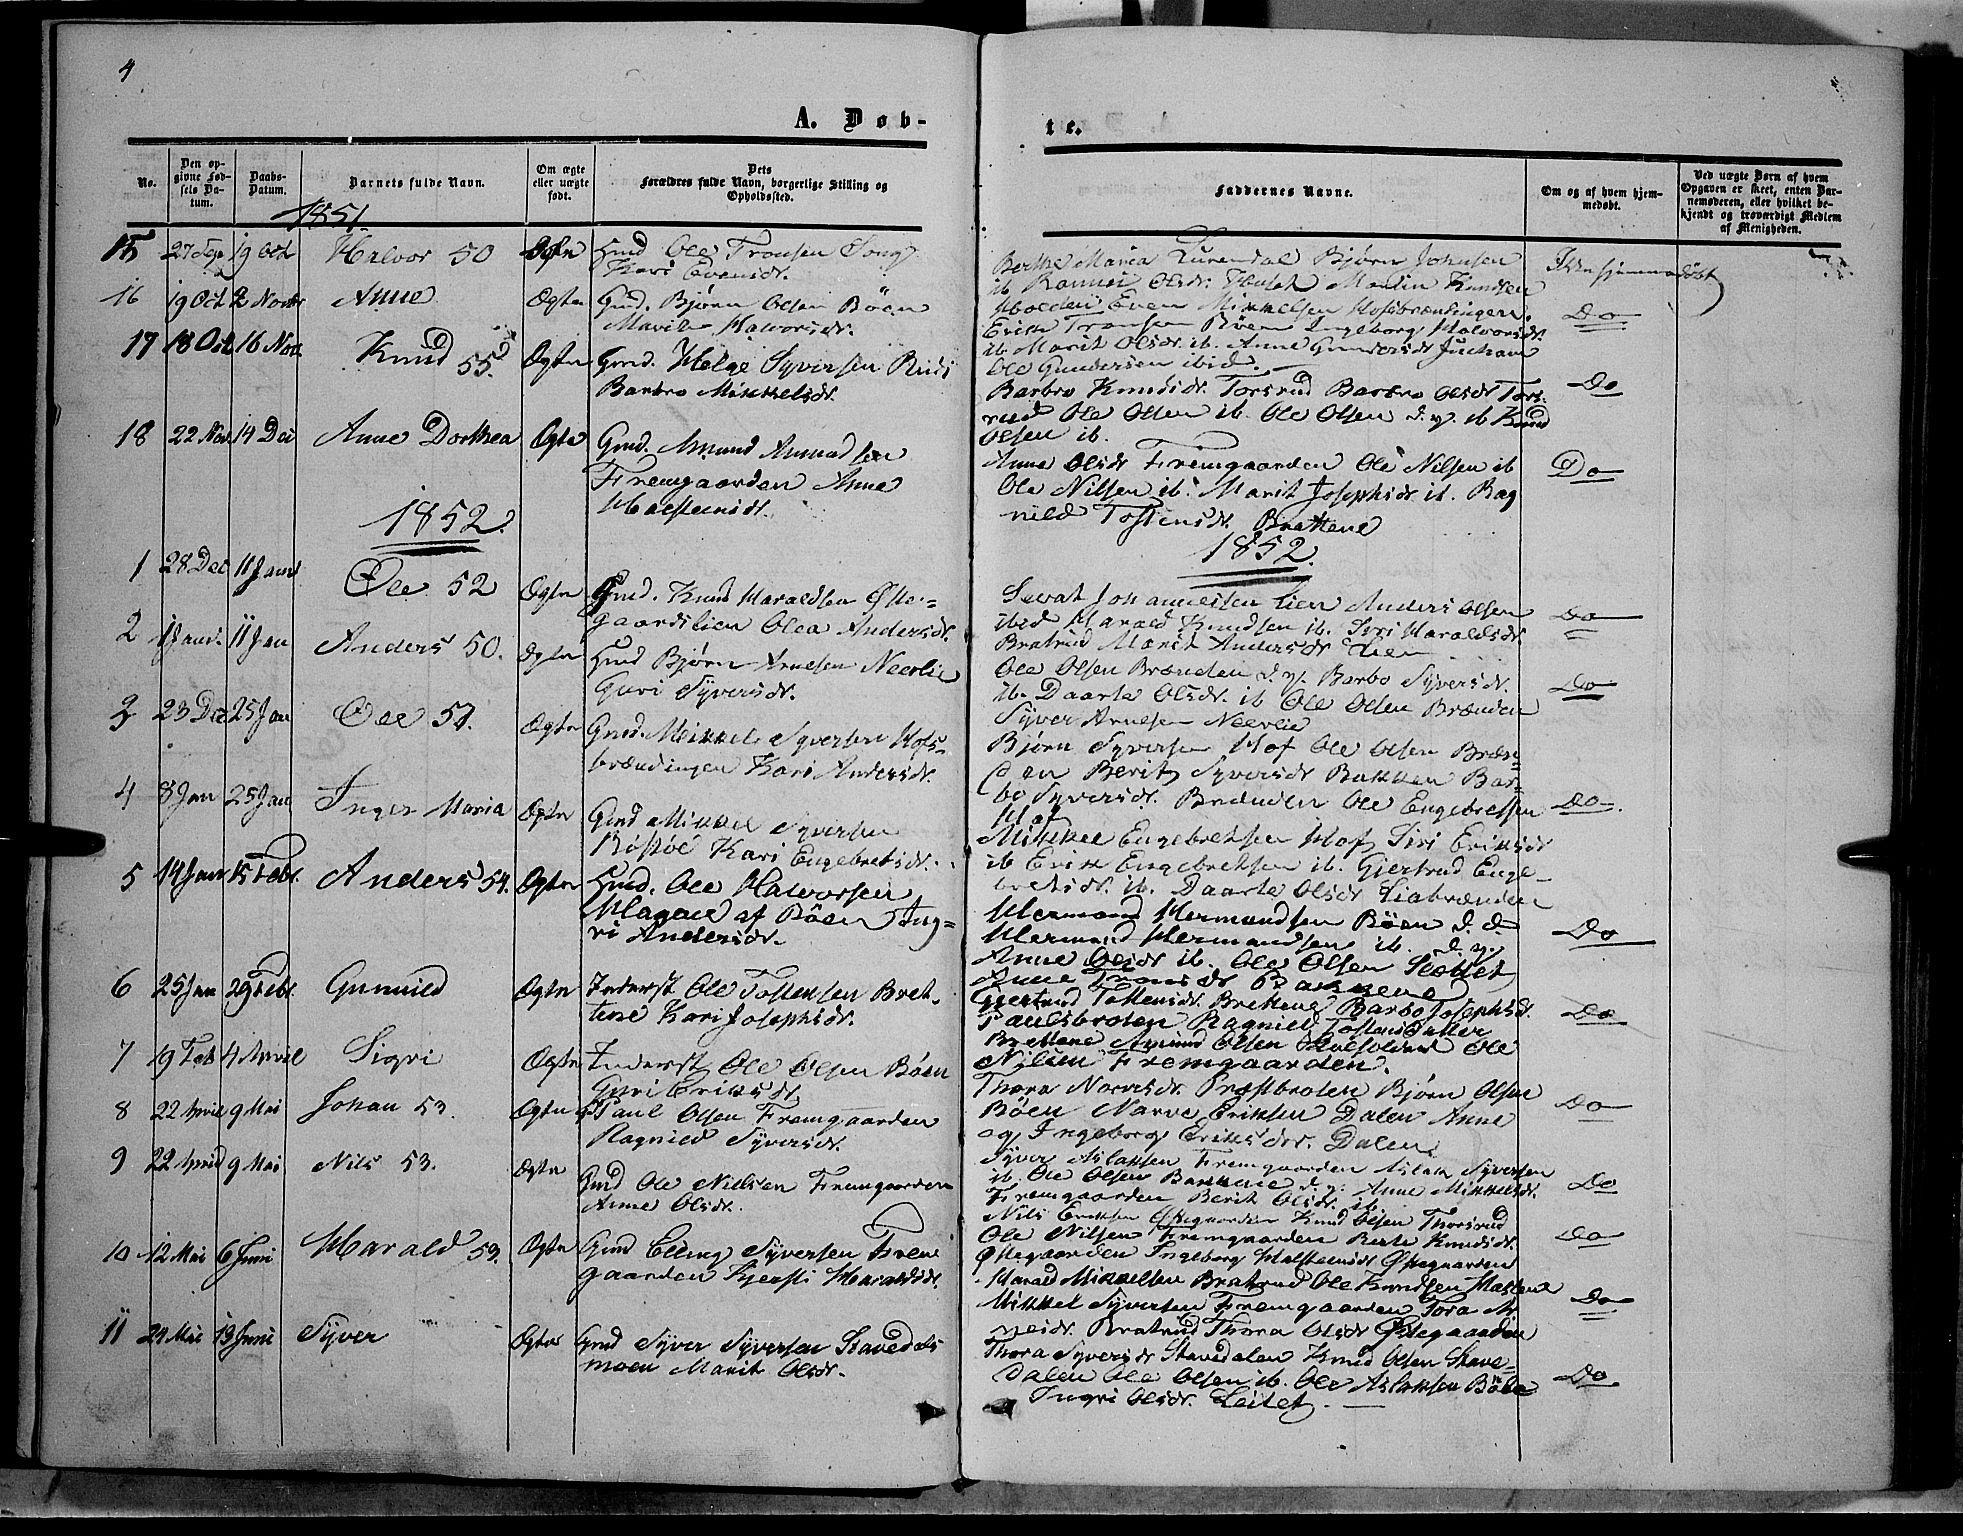 SAH, Sør-Aurdal prestekontor, Ministerialbok nr. 6, 1849-1876, s. 4